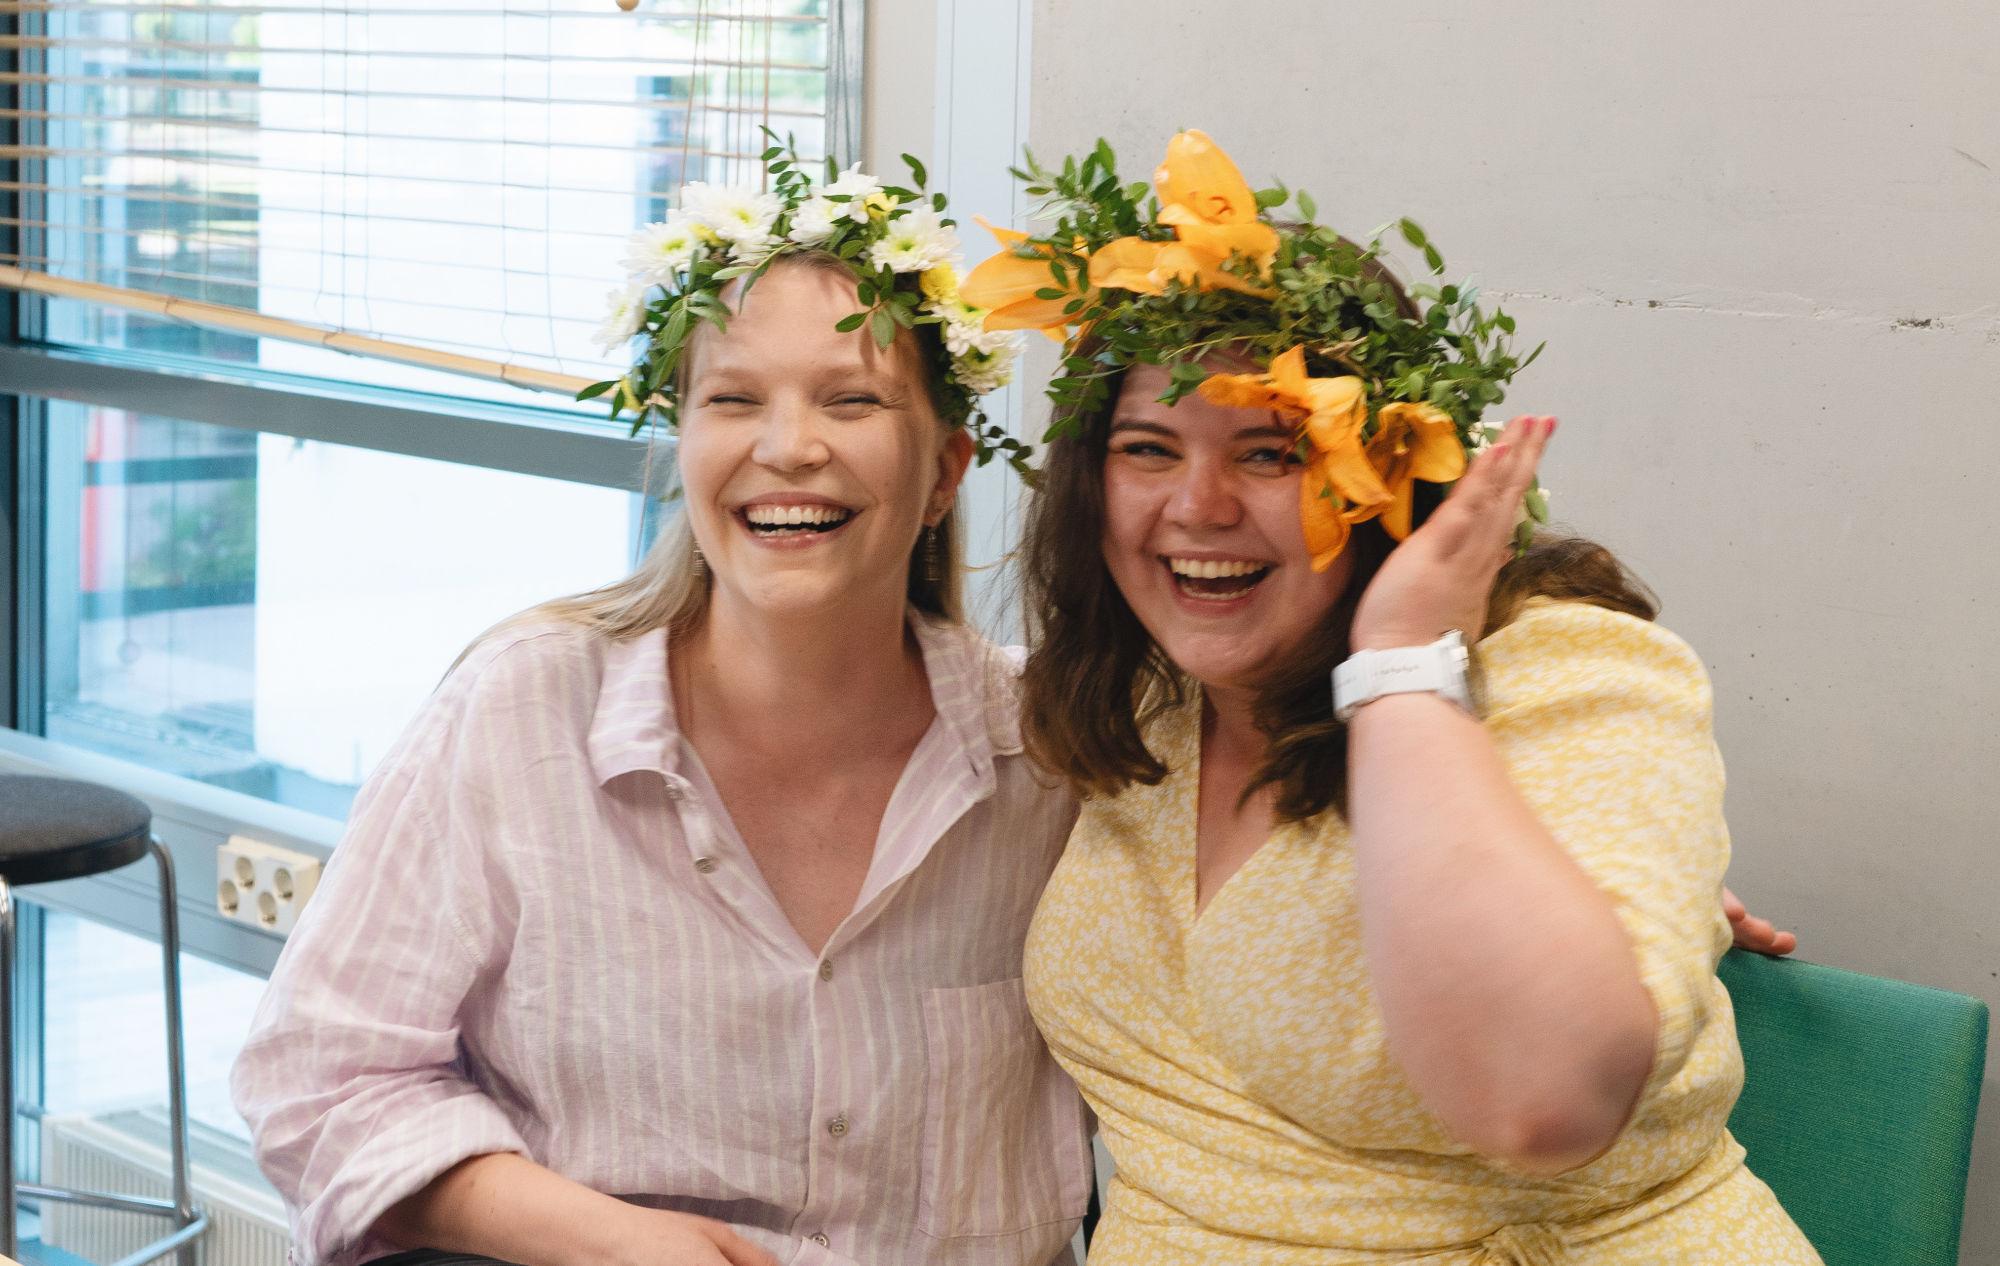 Iloinen valokuva Suvi Jutilasta ja Francesca Åströmistä.